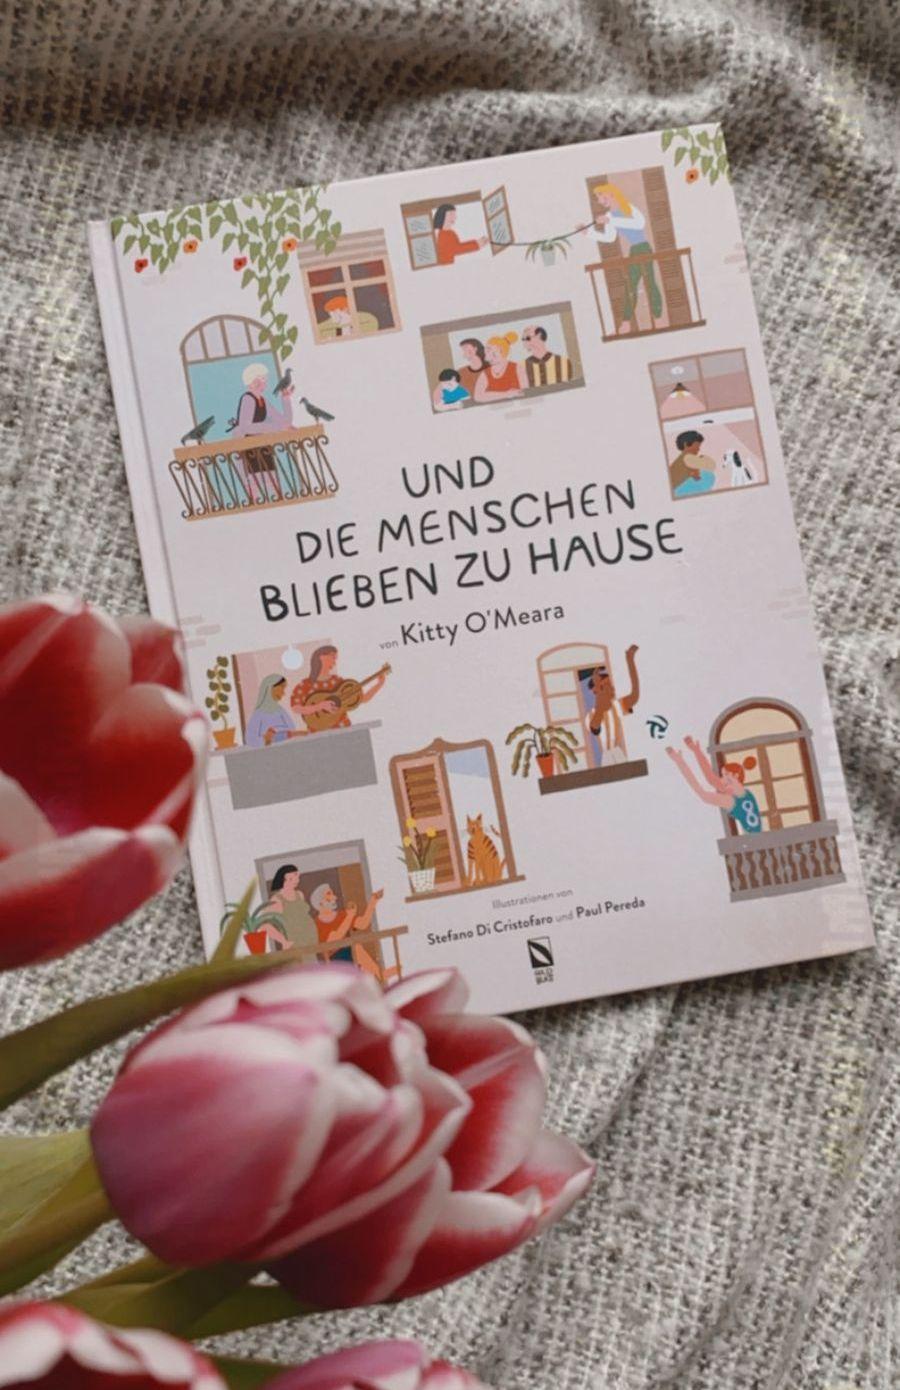 Kitty O'Meara | Und die Menschen blieben zu Hause Illustriert von Stefano Di Cristofaro und Paul Pereda 32 Seiten | 17,95 Euro | ISBN 978-3-948676-03-2